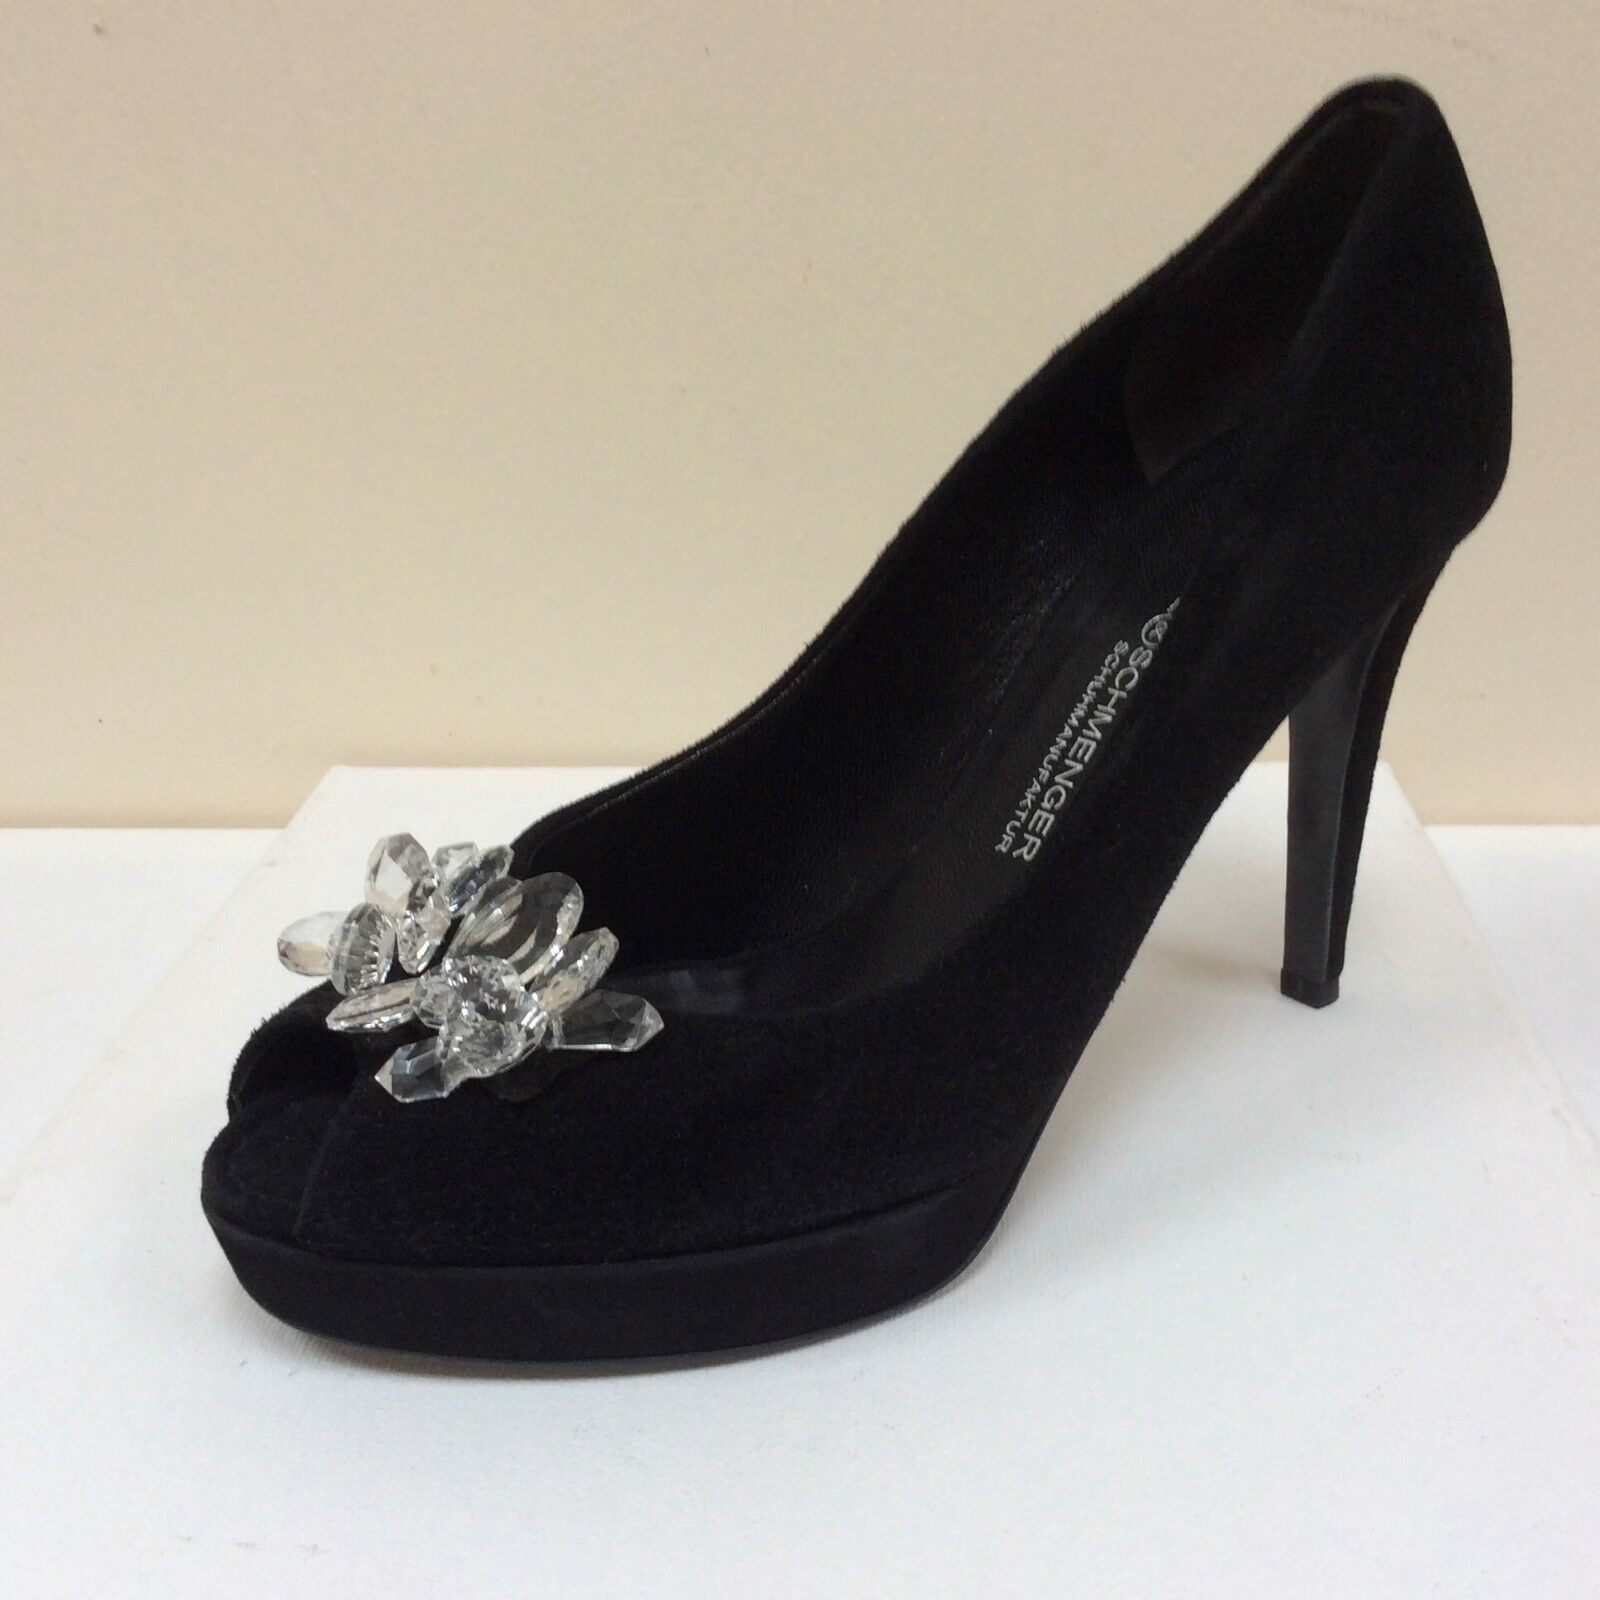 K&S noir suede crystal embellished peep toe courts, UK 4 EU 37,   BNWB